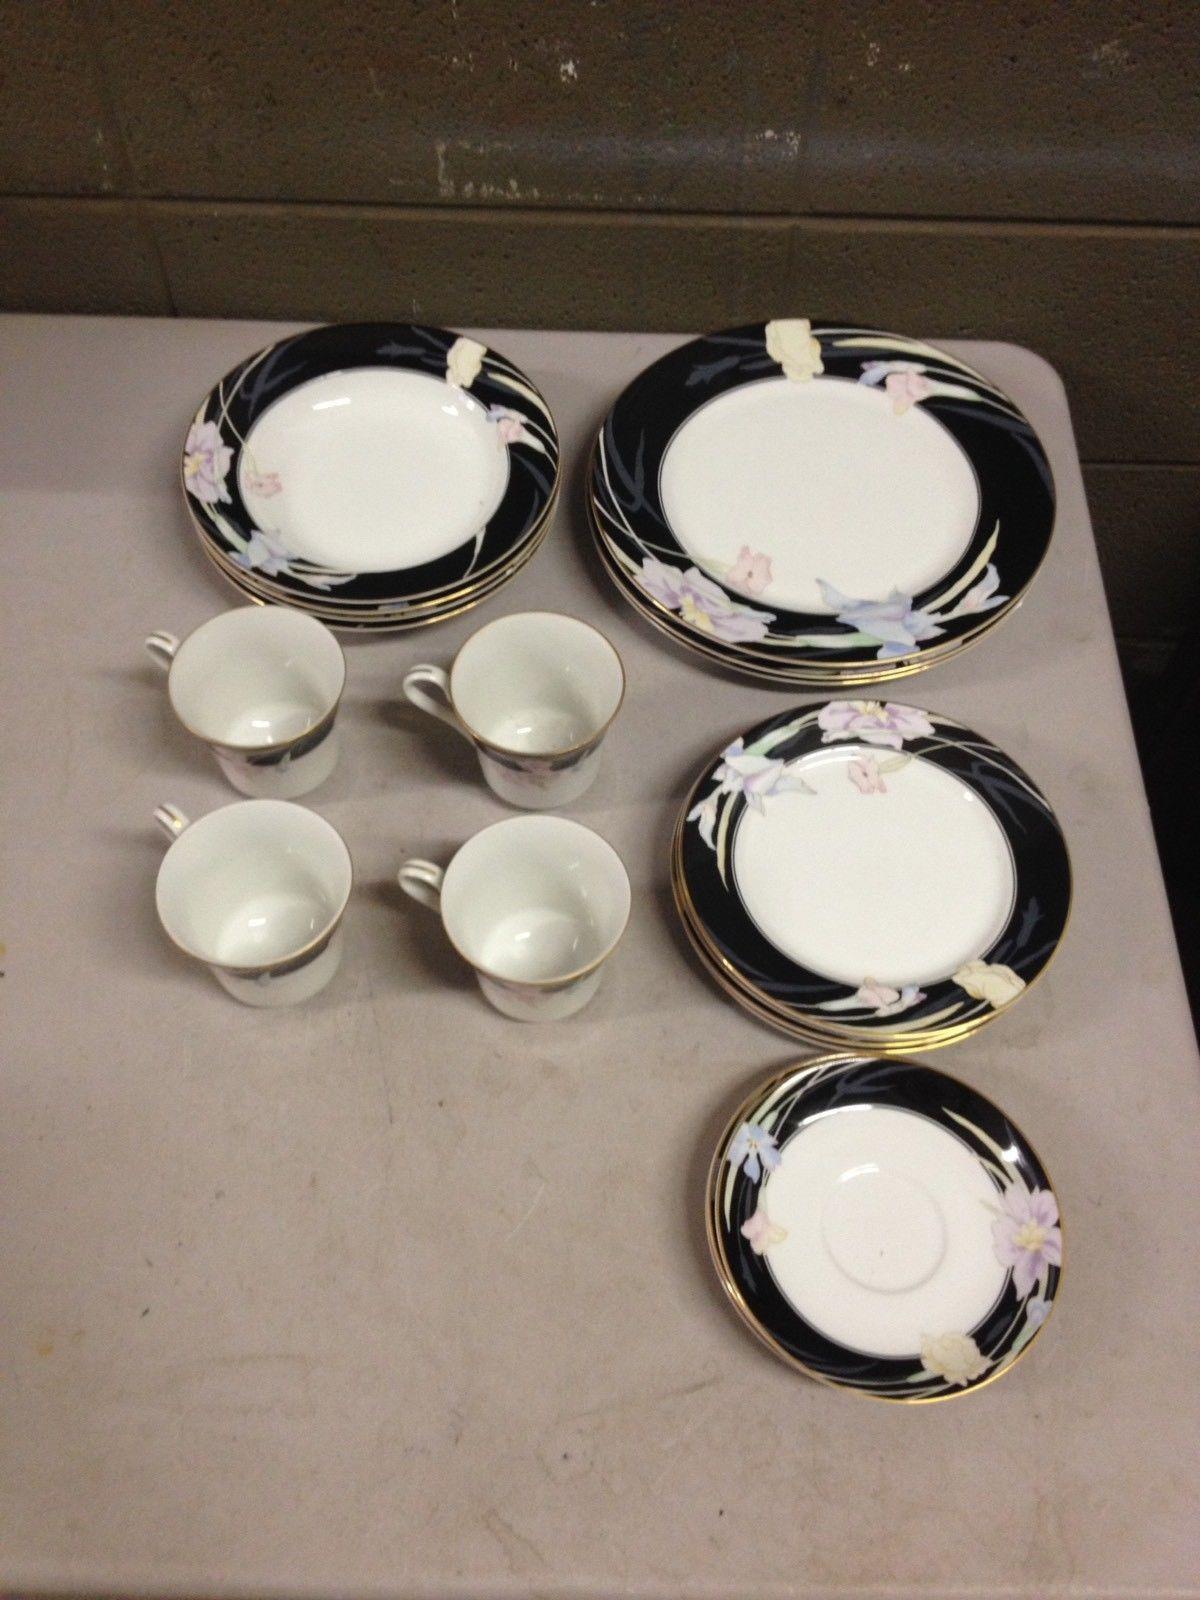 Mikasa Charisma Black L9050 Lot of 5 Dinner Plates